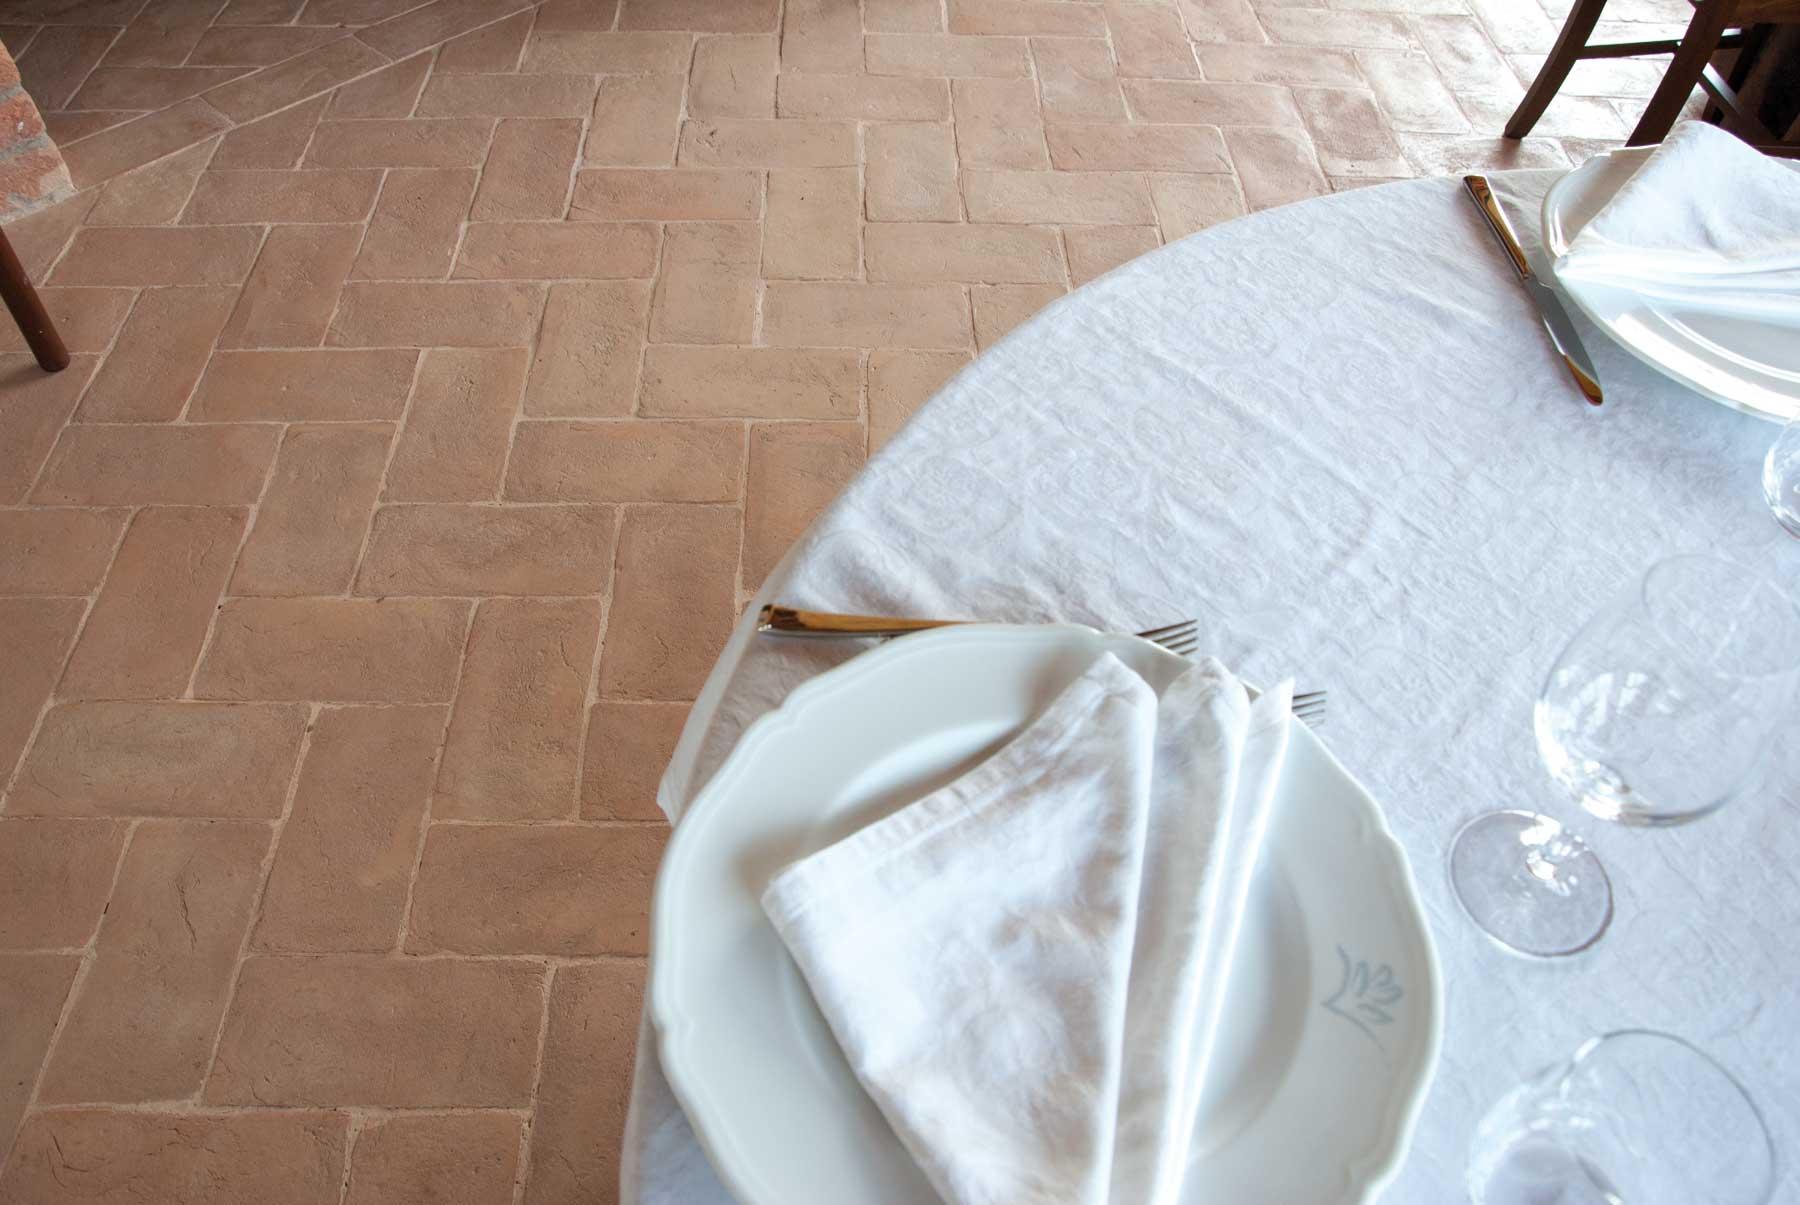 Particolare di un interno con un pavimento in cotto fatto a mano